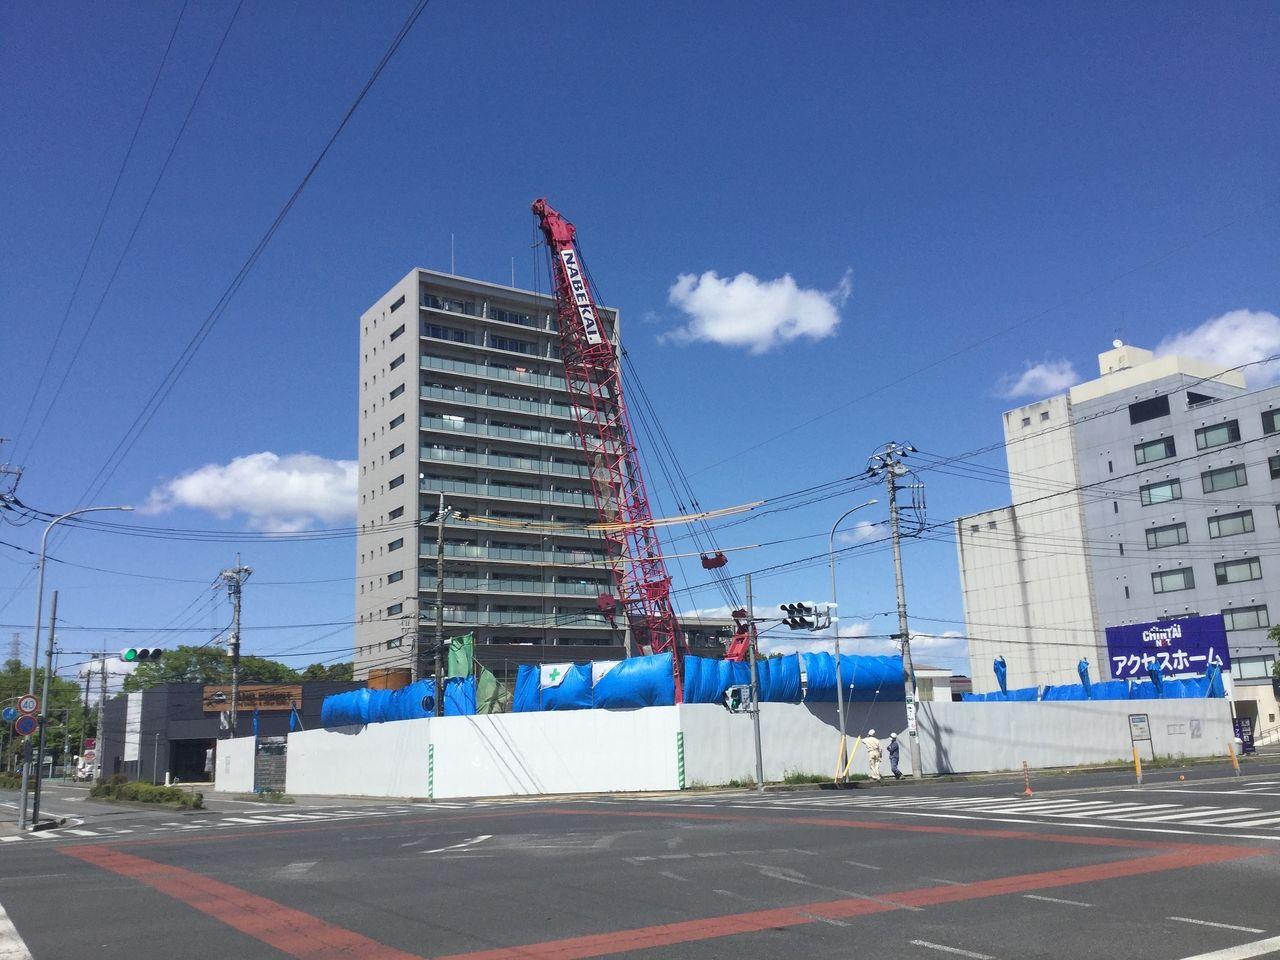 ポレスター東宿郷( 宇都宮新築マンション